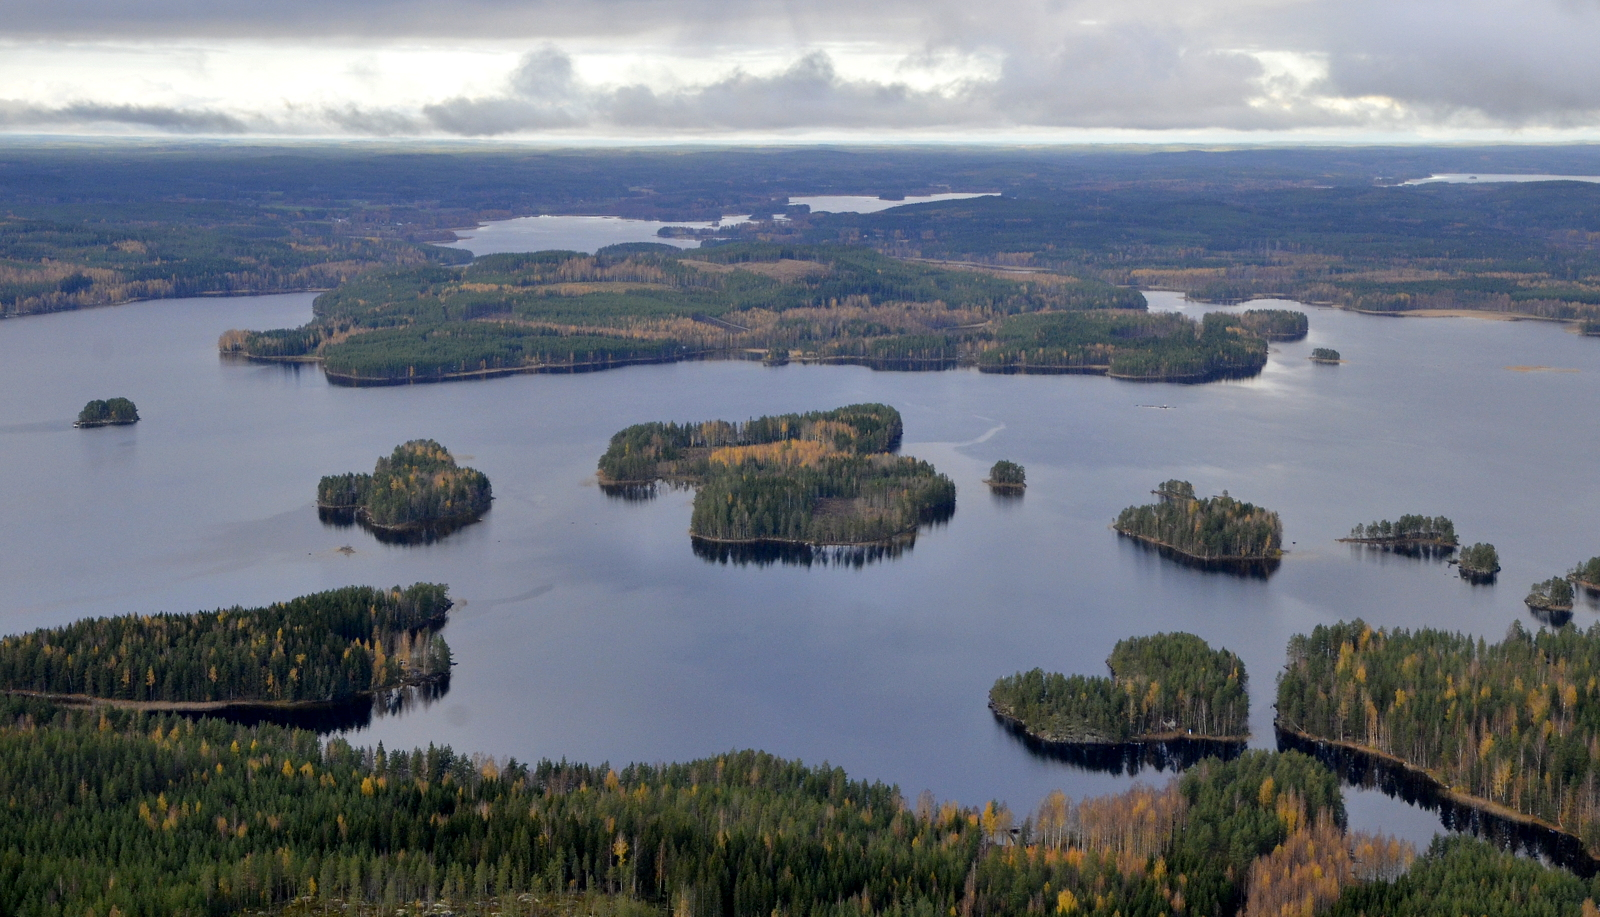 Kuvassa keskellä suurin saari on Kytänsalo, jonka takana Pyyrinlahtea Konginkankaan Kirkonkylään saakka.